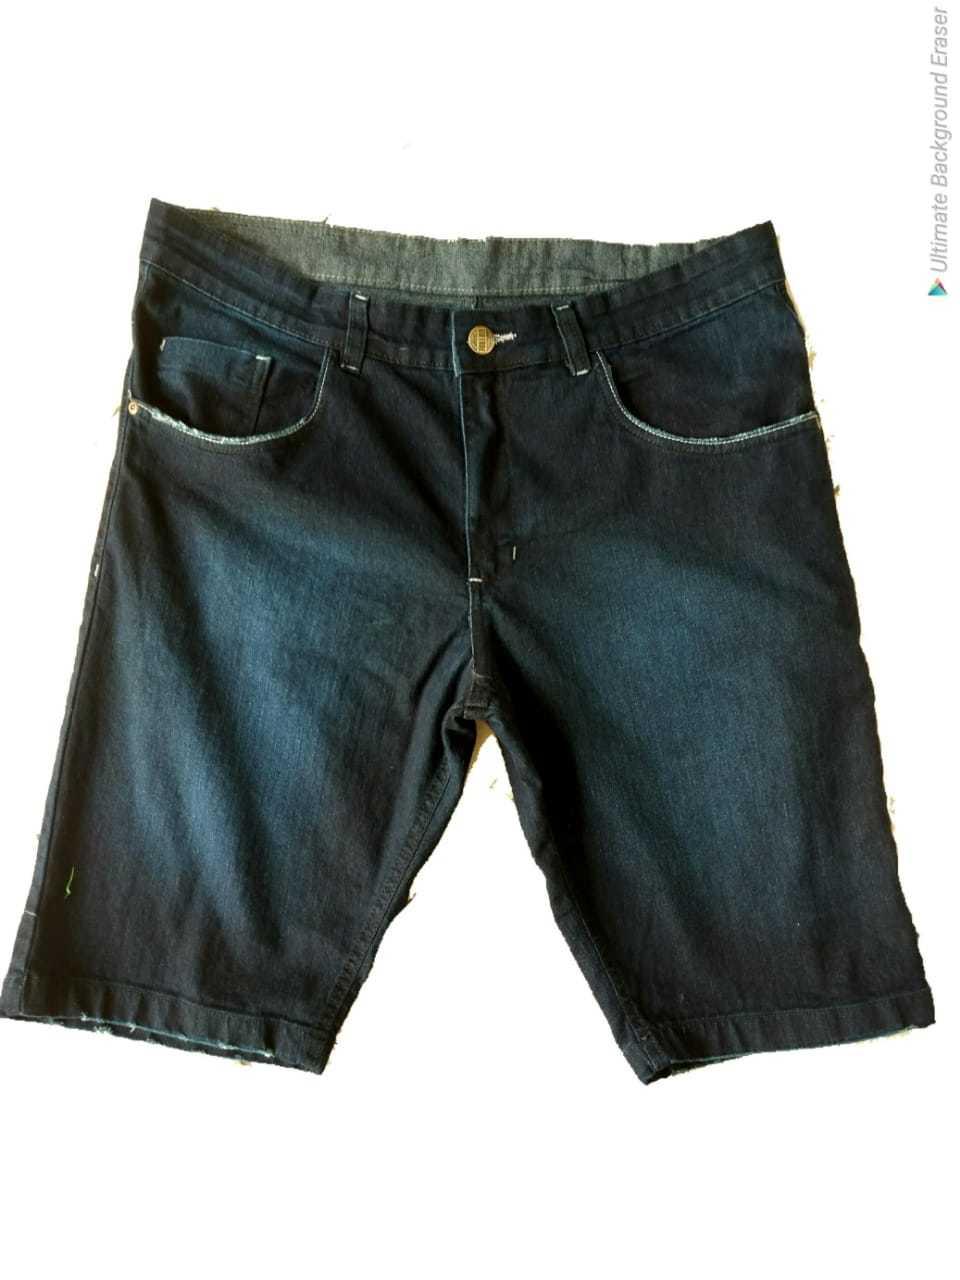 Bermuda Jeans Masculina [118]